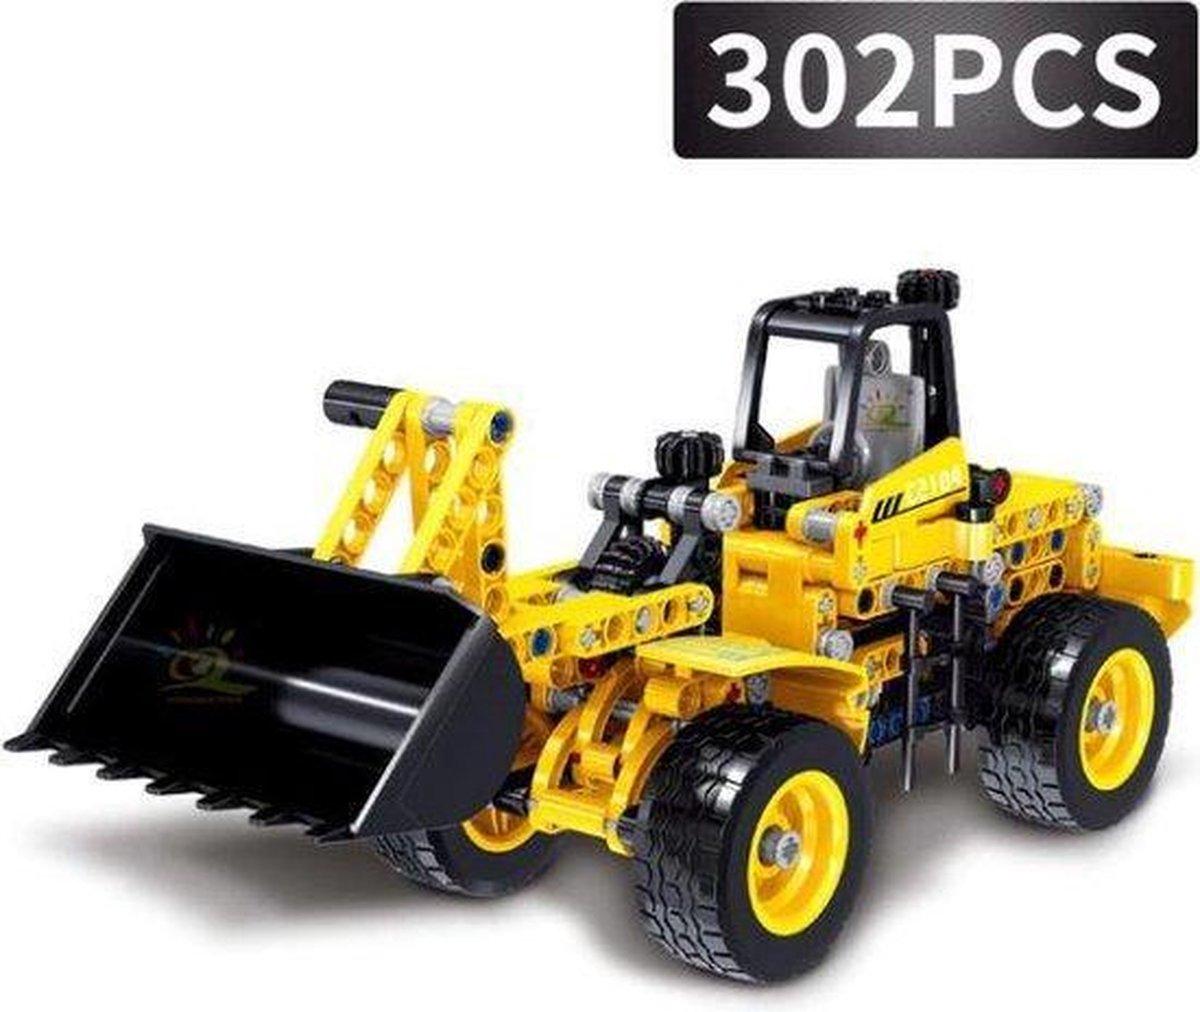 Technisch Lego - Technic - geschikt voor LEGO - Bouwplaats - Shovel